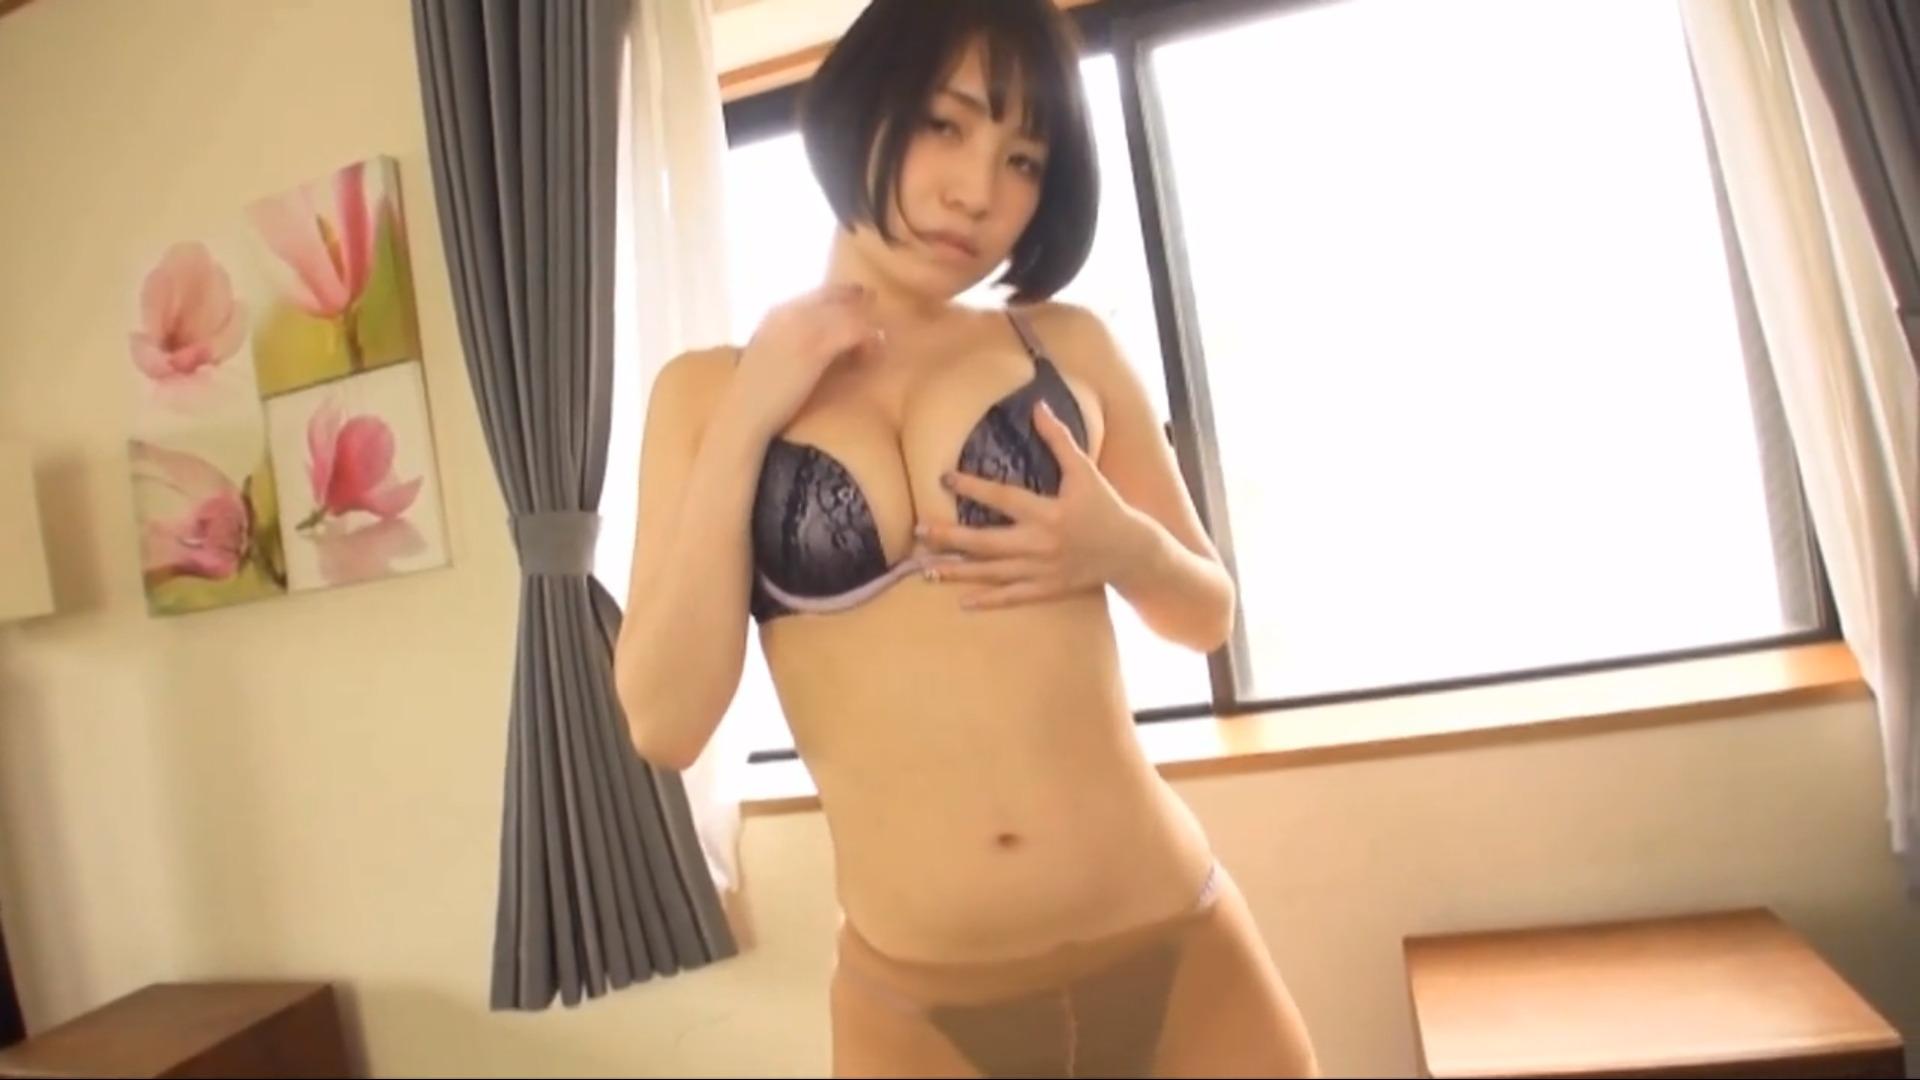 【大崎由希】Fカップ4 セクシー服脱ぎシーン!太ももや胸元を濡らされちゃう!